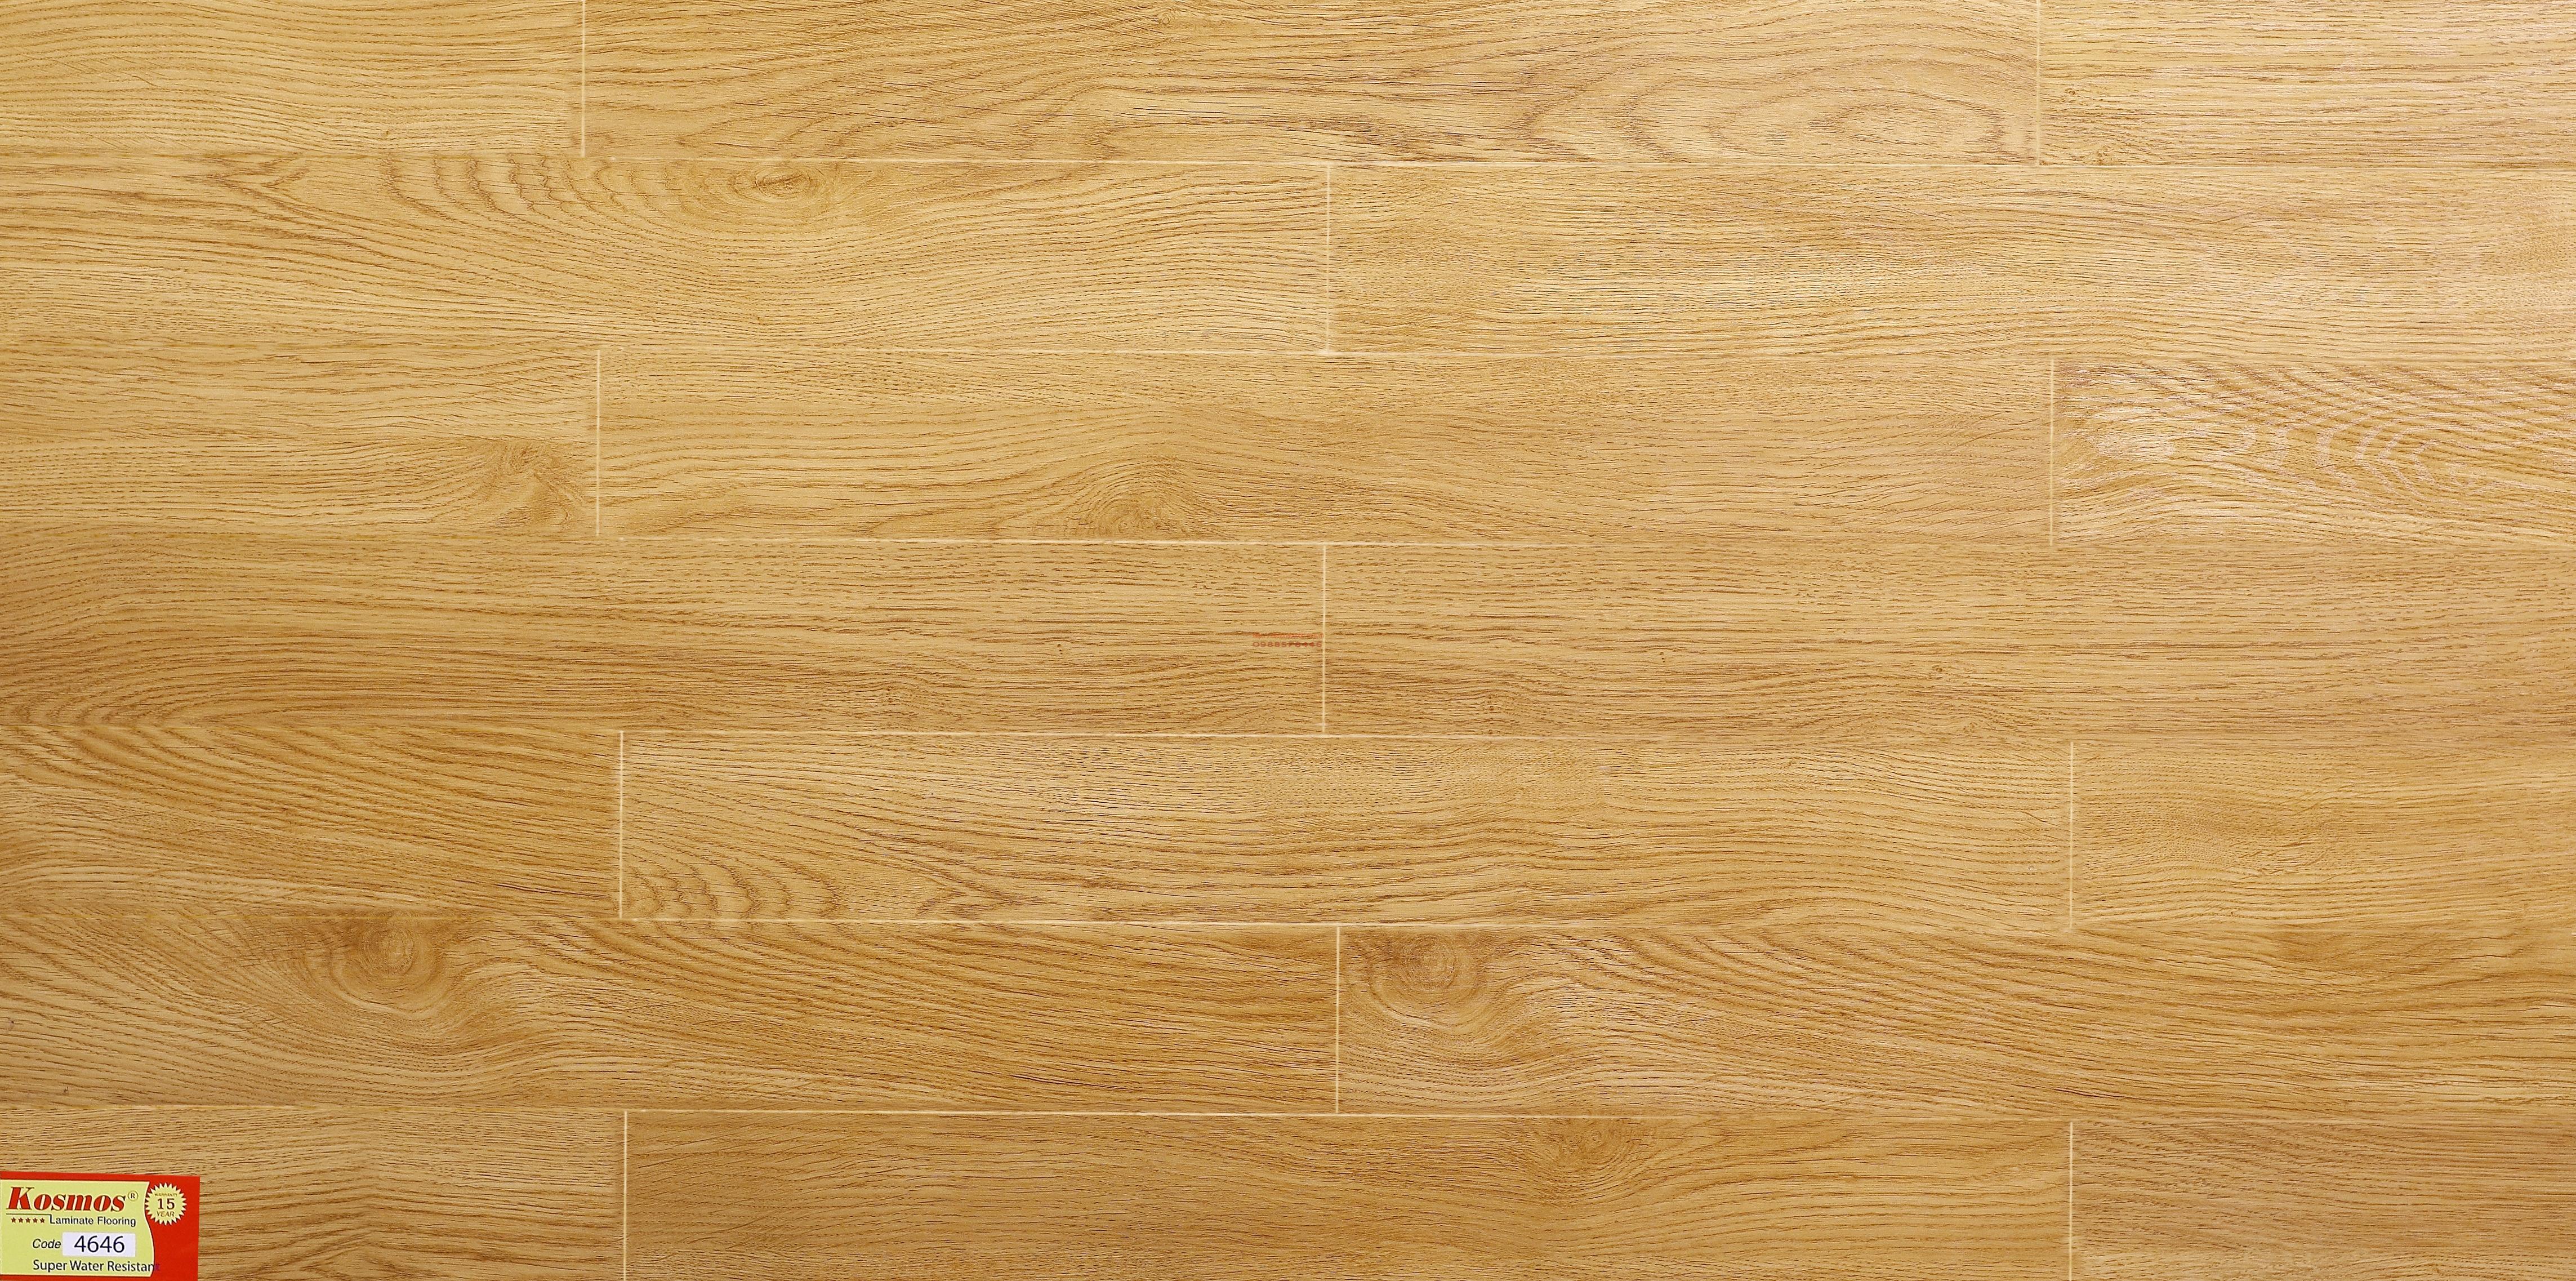 Sàn gỗ kosmos 4646